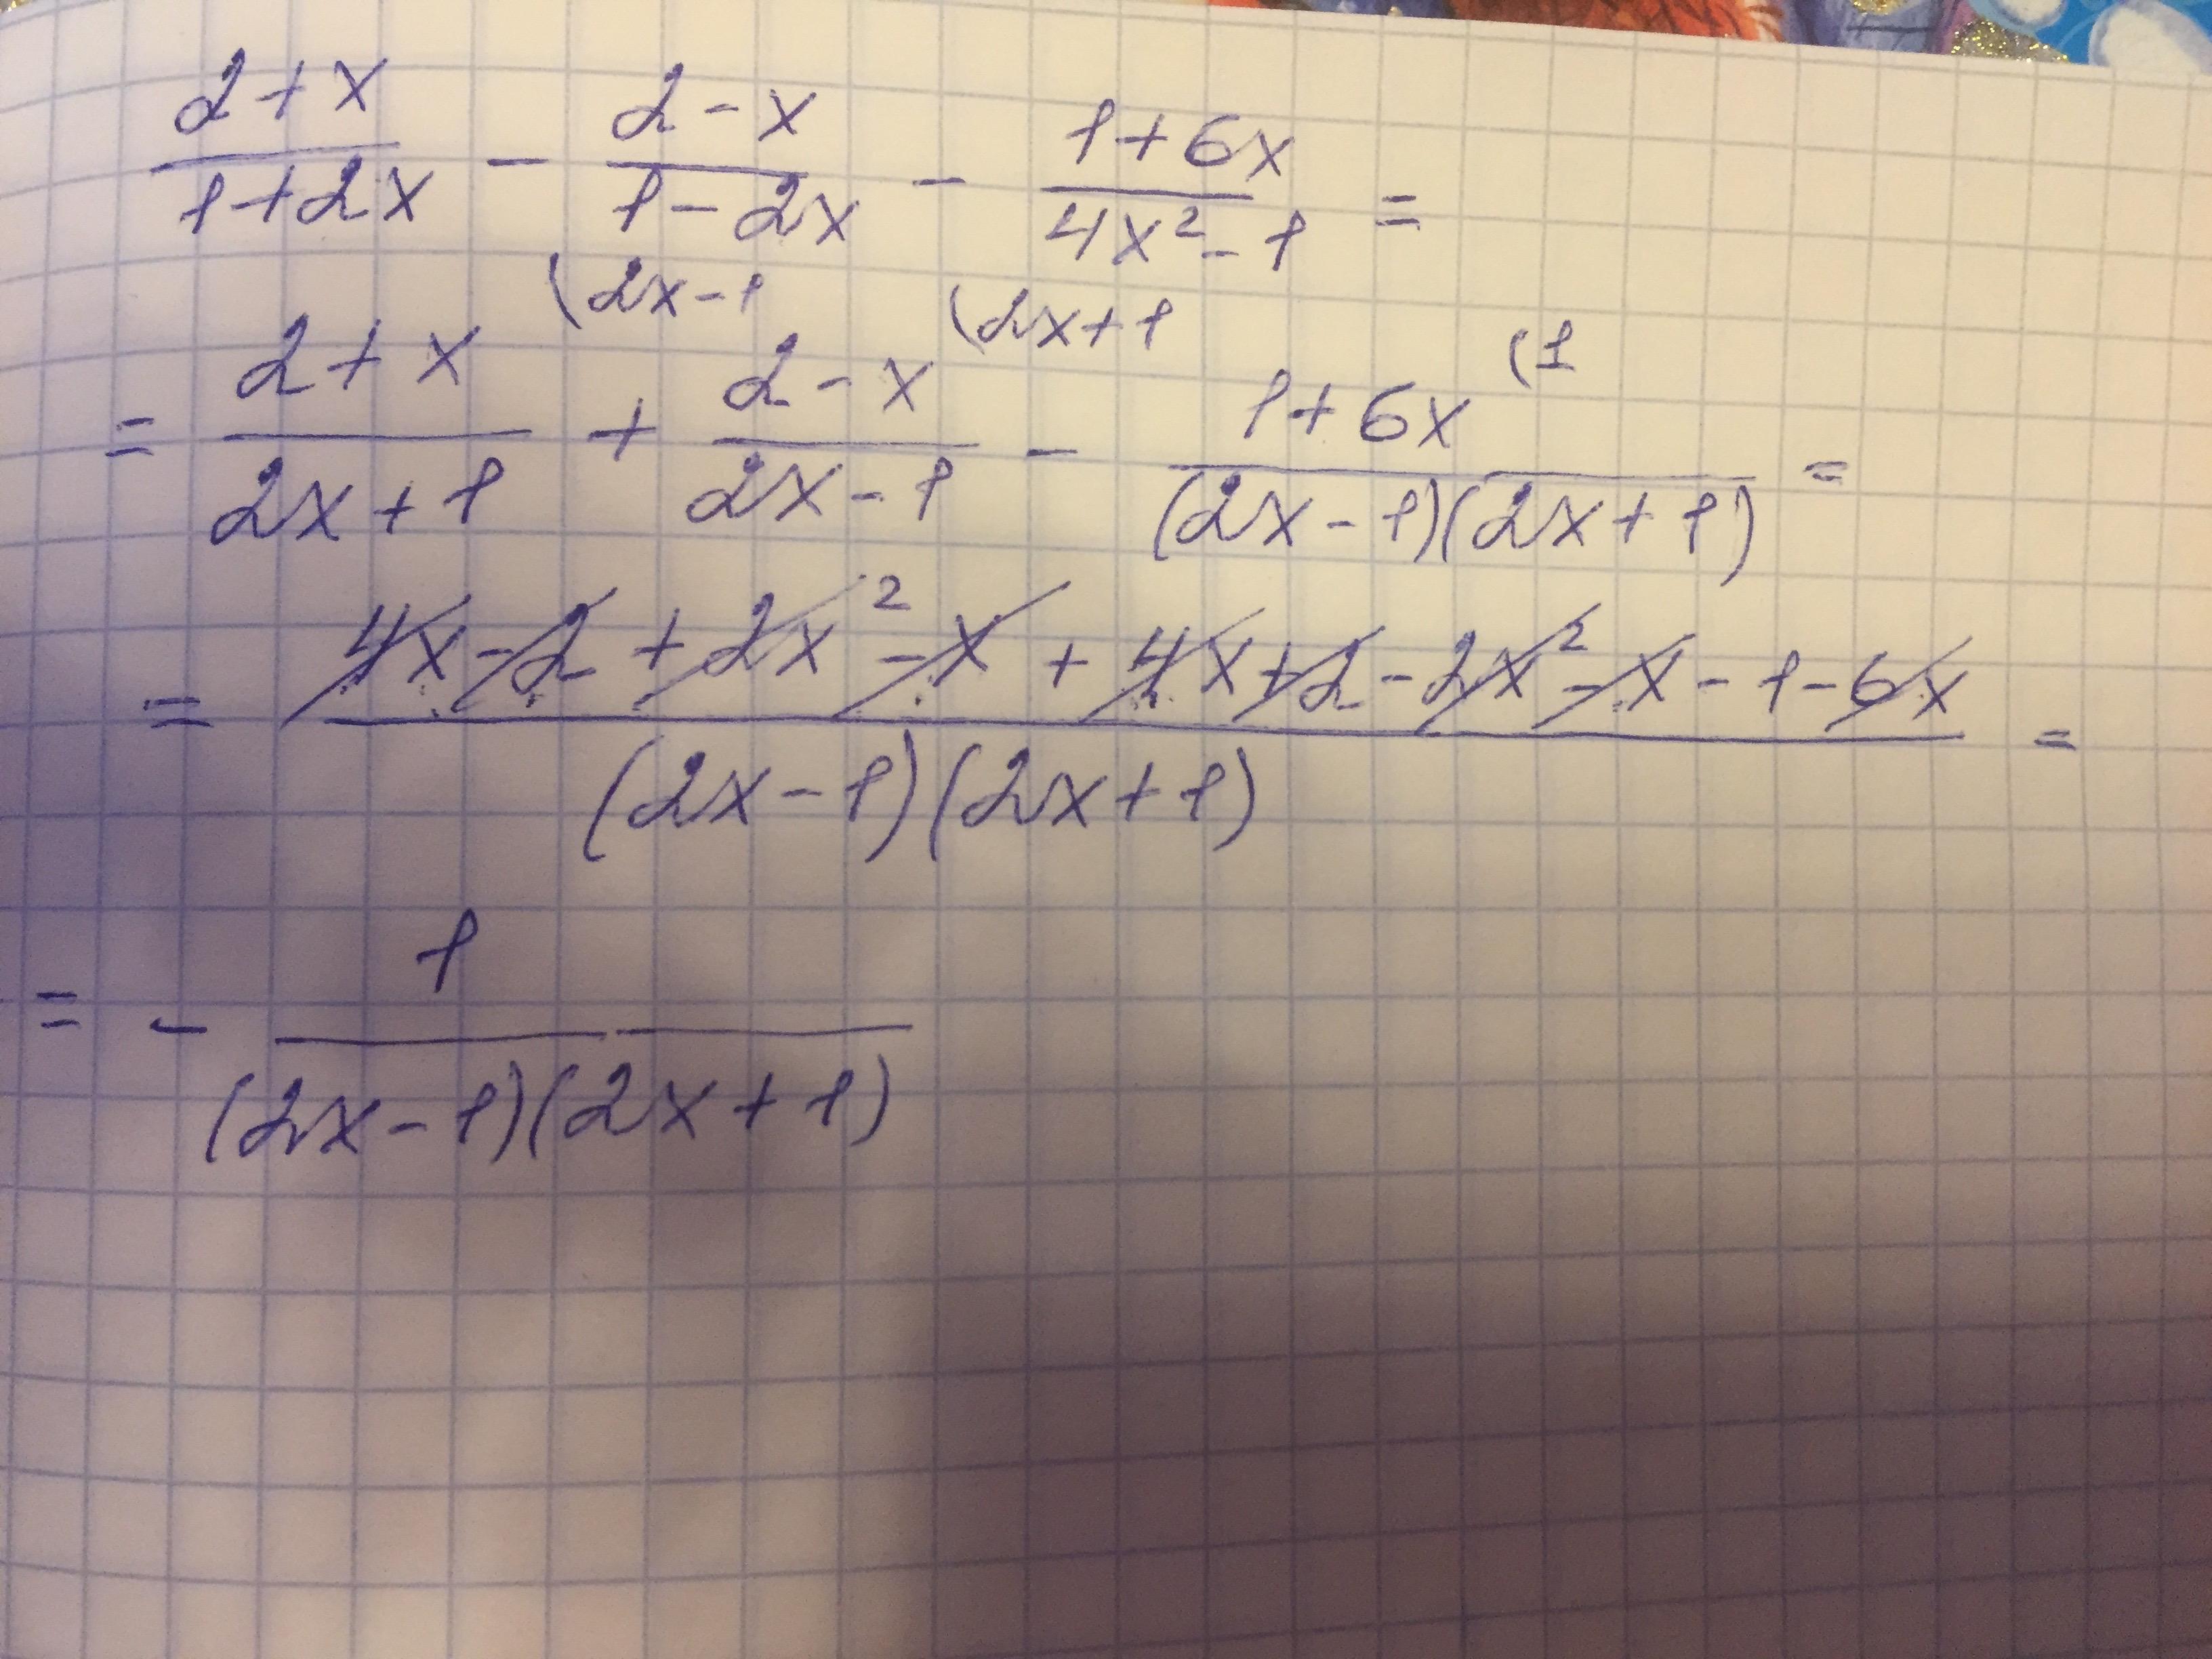 ((2+x)/(1+2x))-((2-x)/(1-2x))-((1+6x)/(4x^(2)-1))=